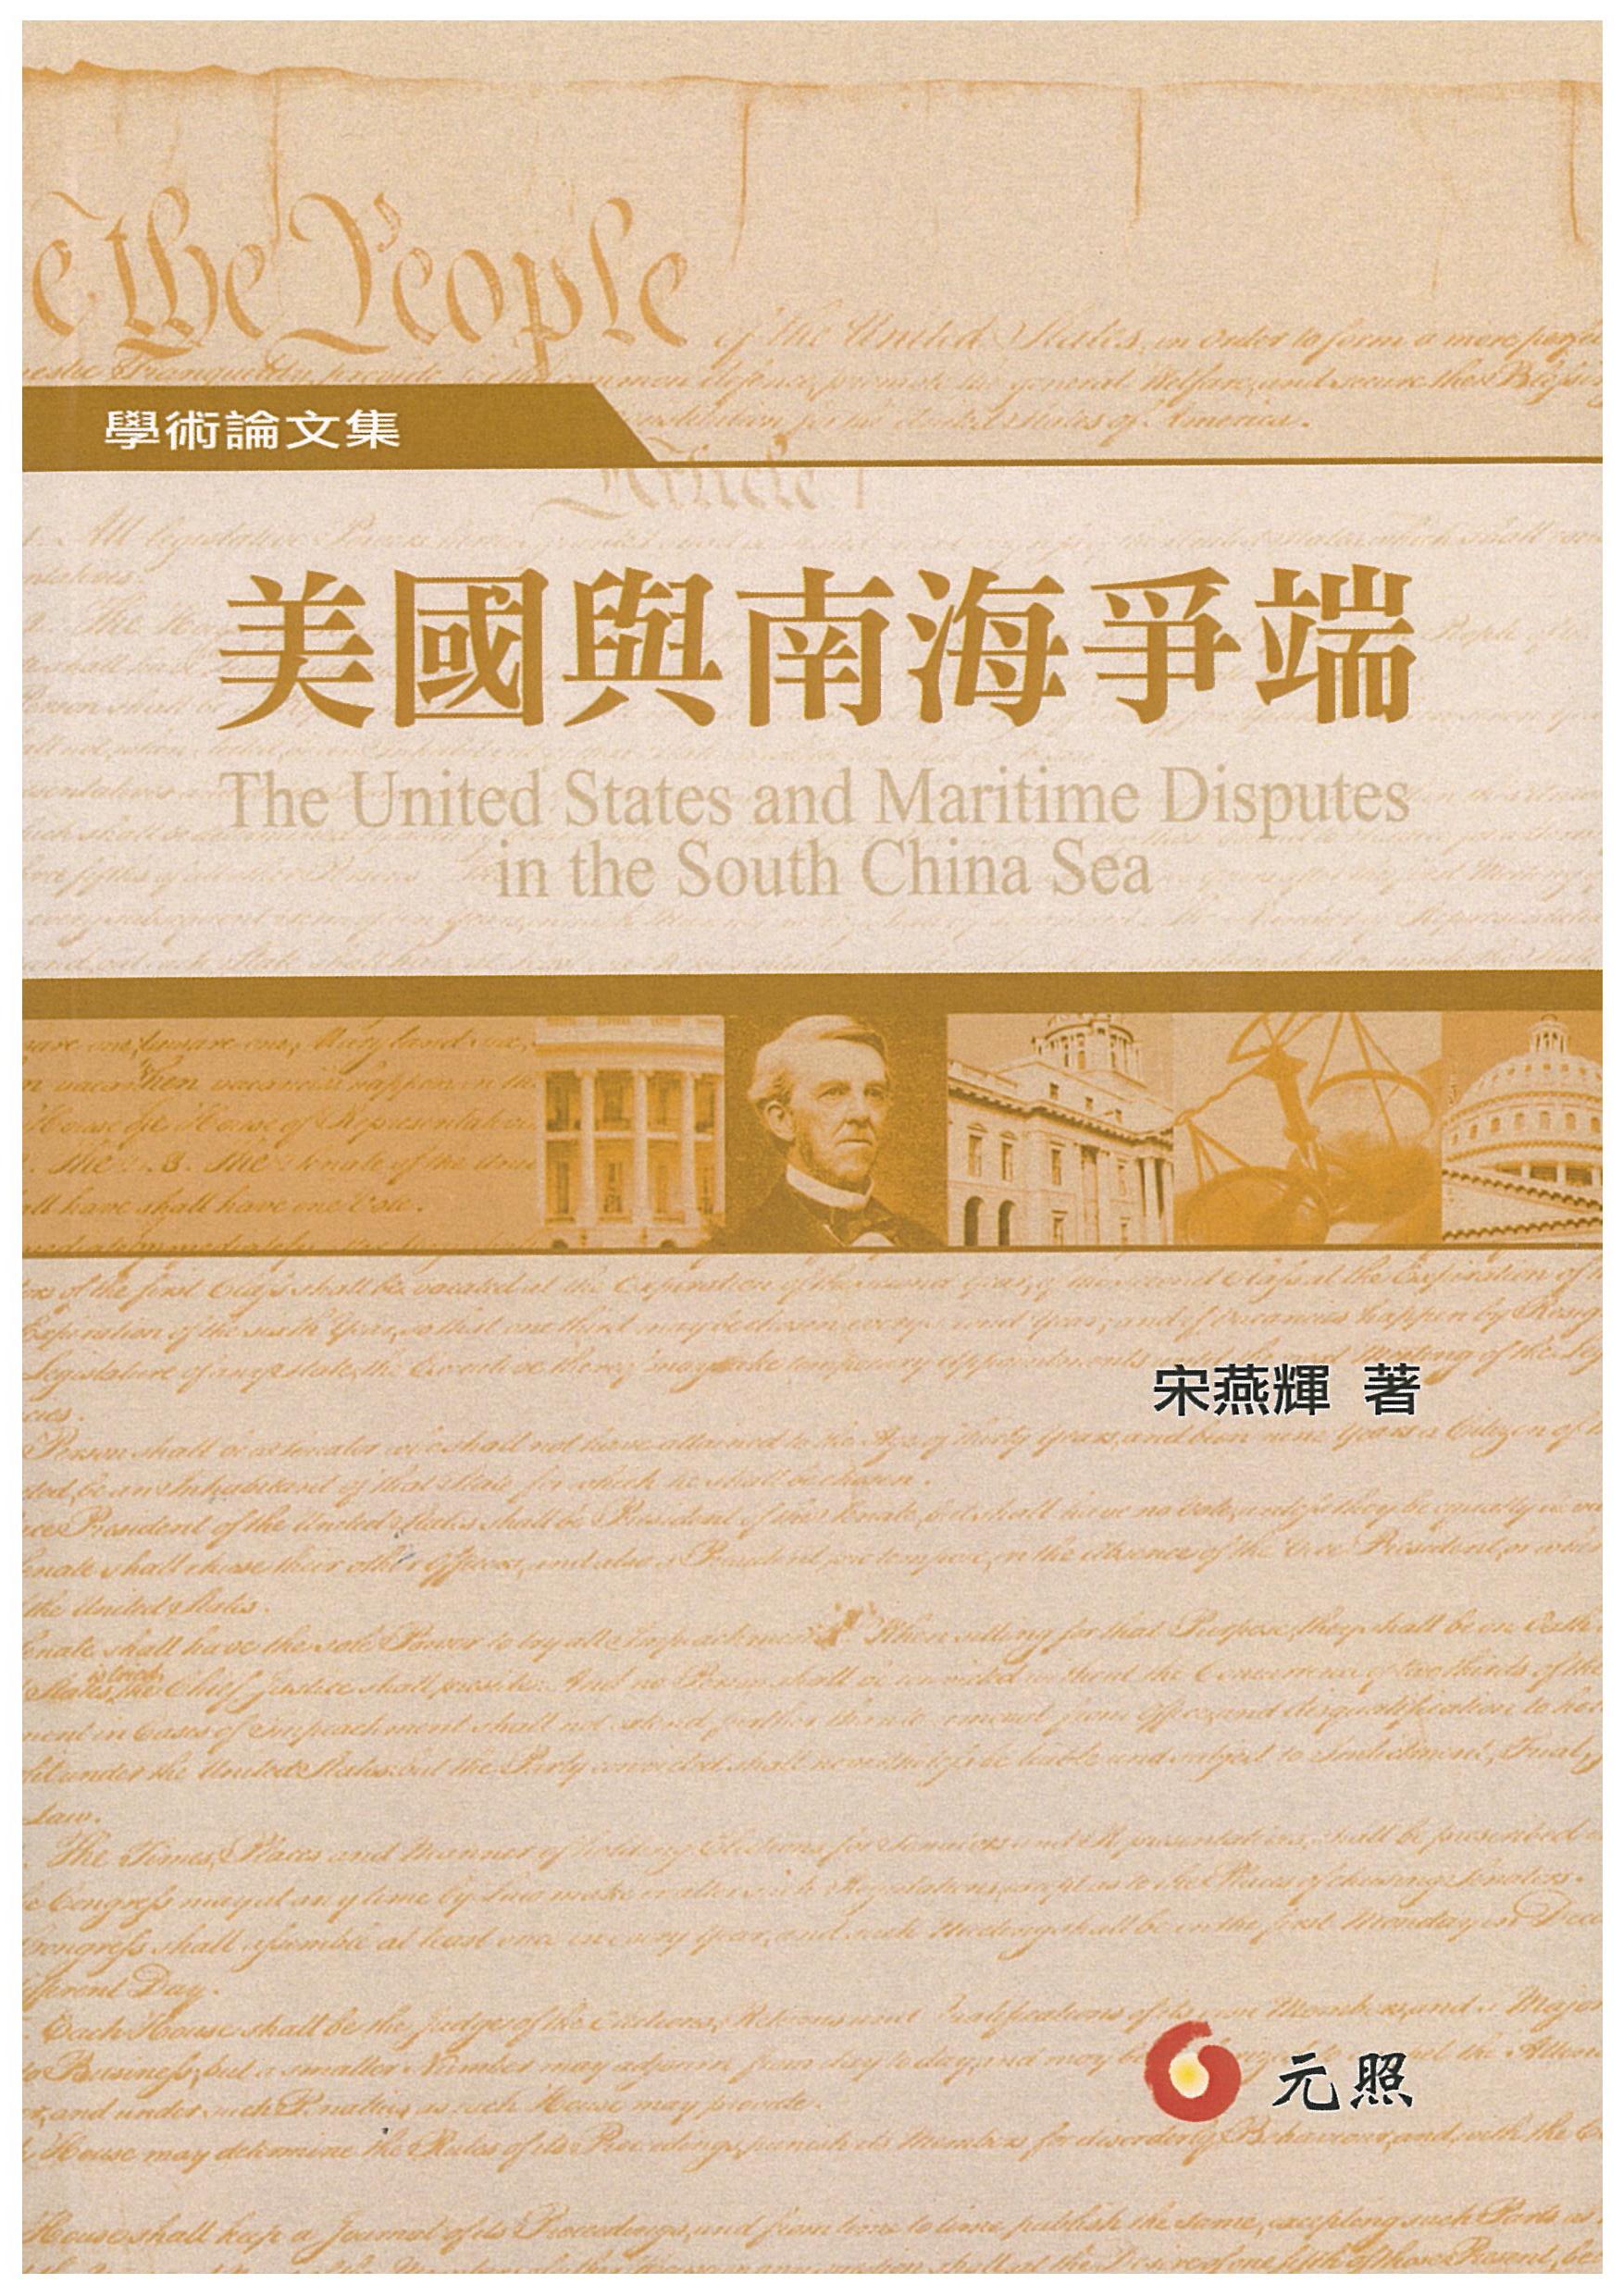 美國與南海爭端 The United States and Maritime Disputes in the South China Sea